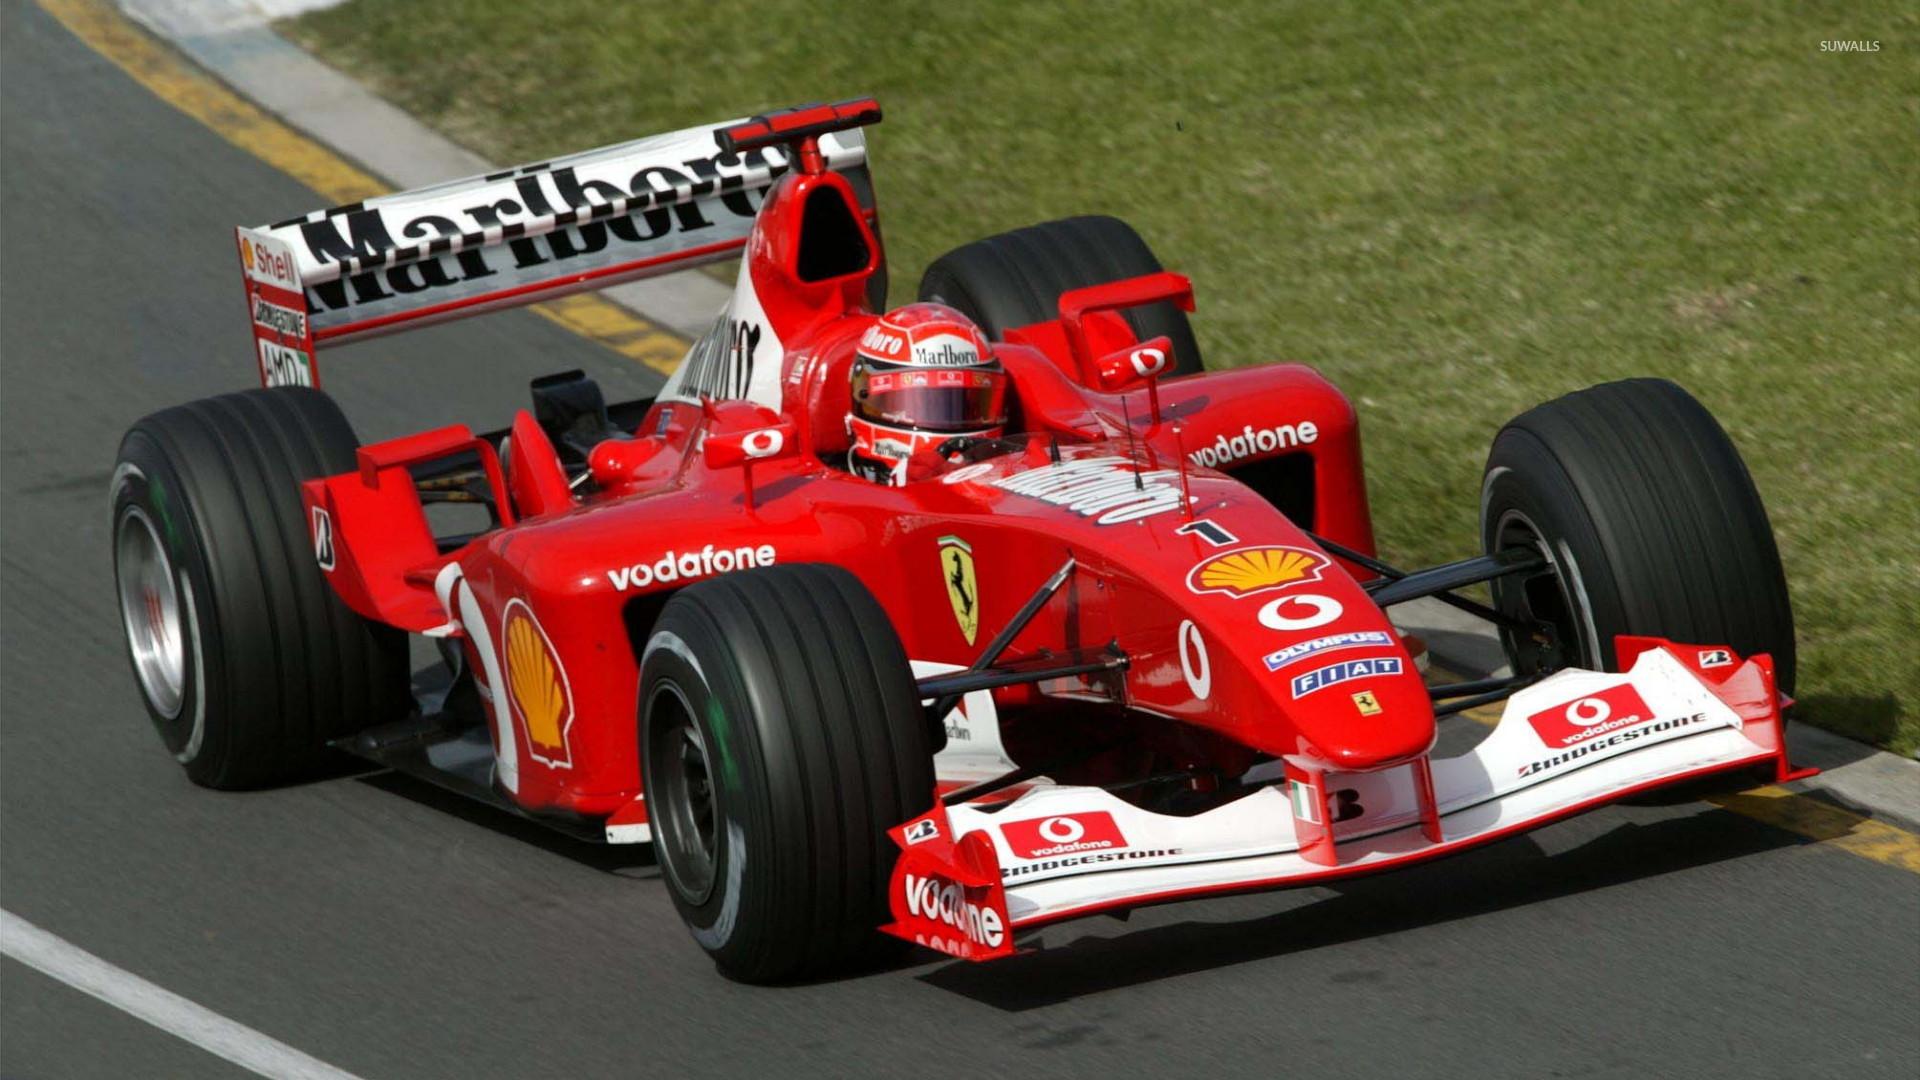 F1 ferrari f2003 wallpaper